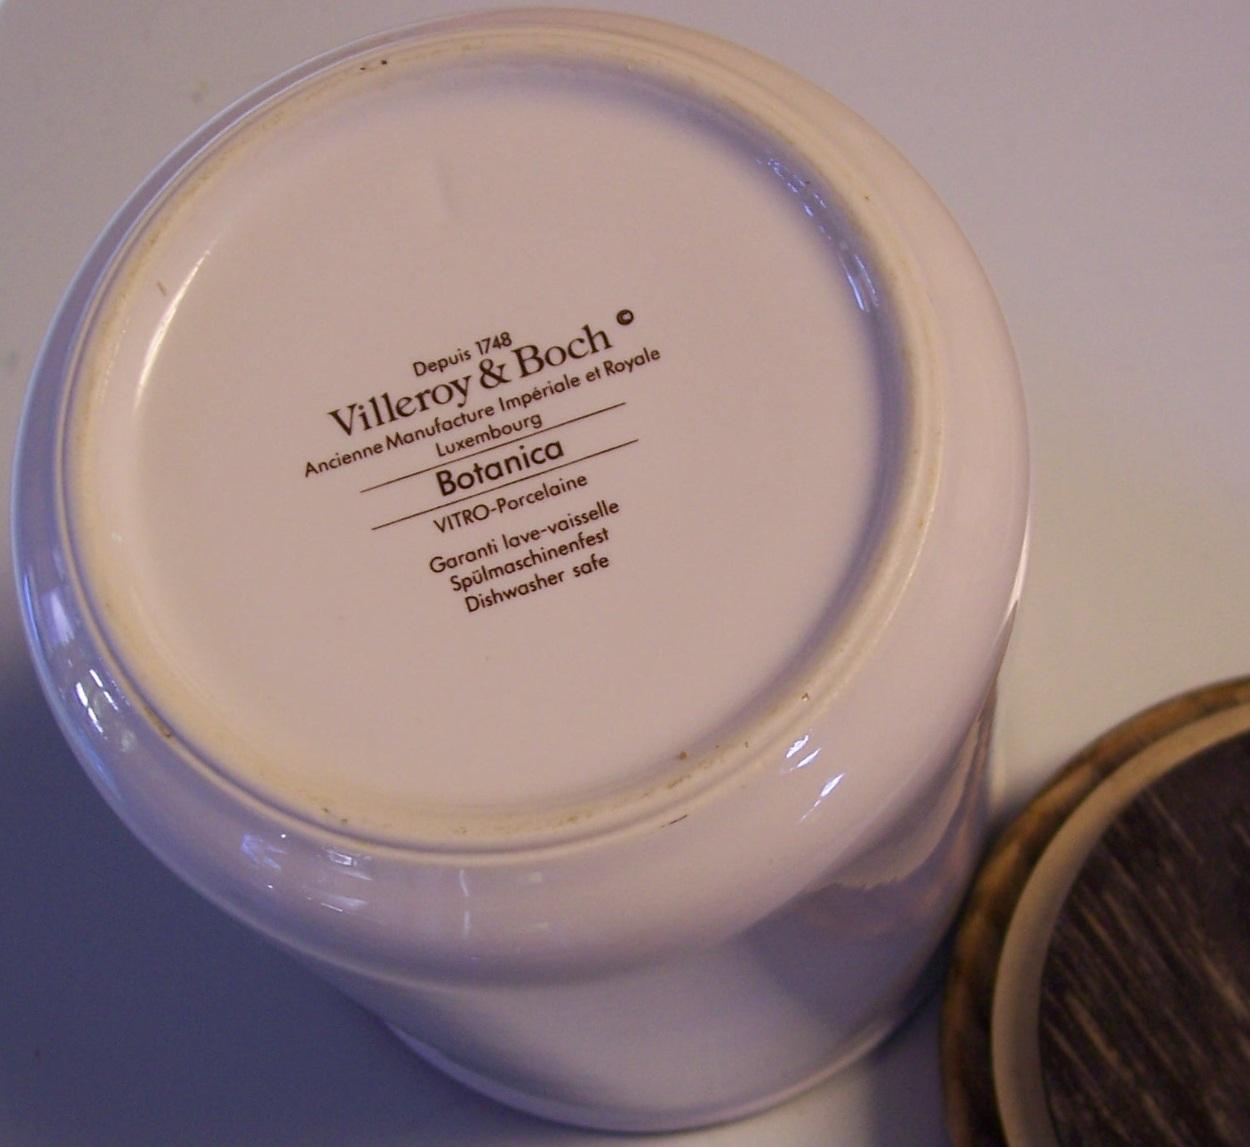 villeroy boch storage jar botanica agrimonia eupatoria 6 from modseller on ruby lane. Black Bedroom Furniture Sets. Home Design Ideas